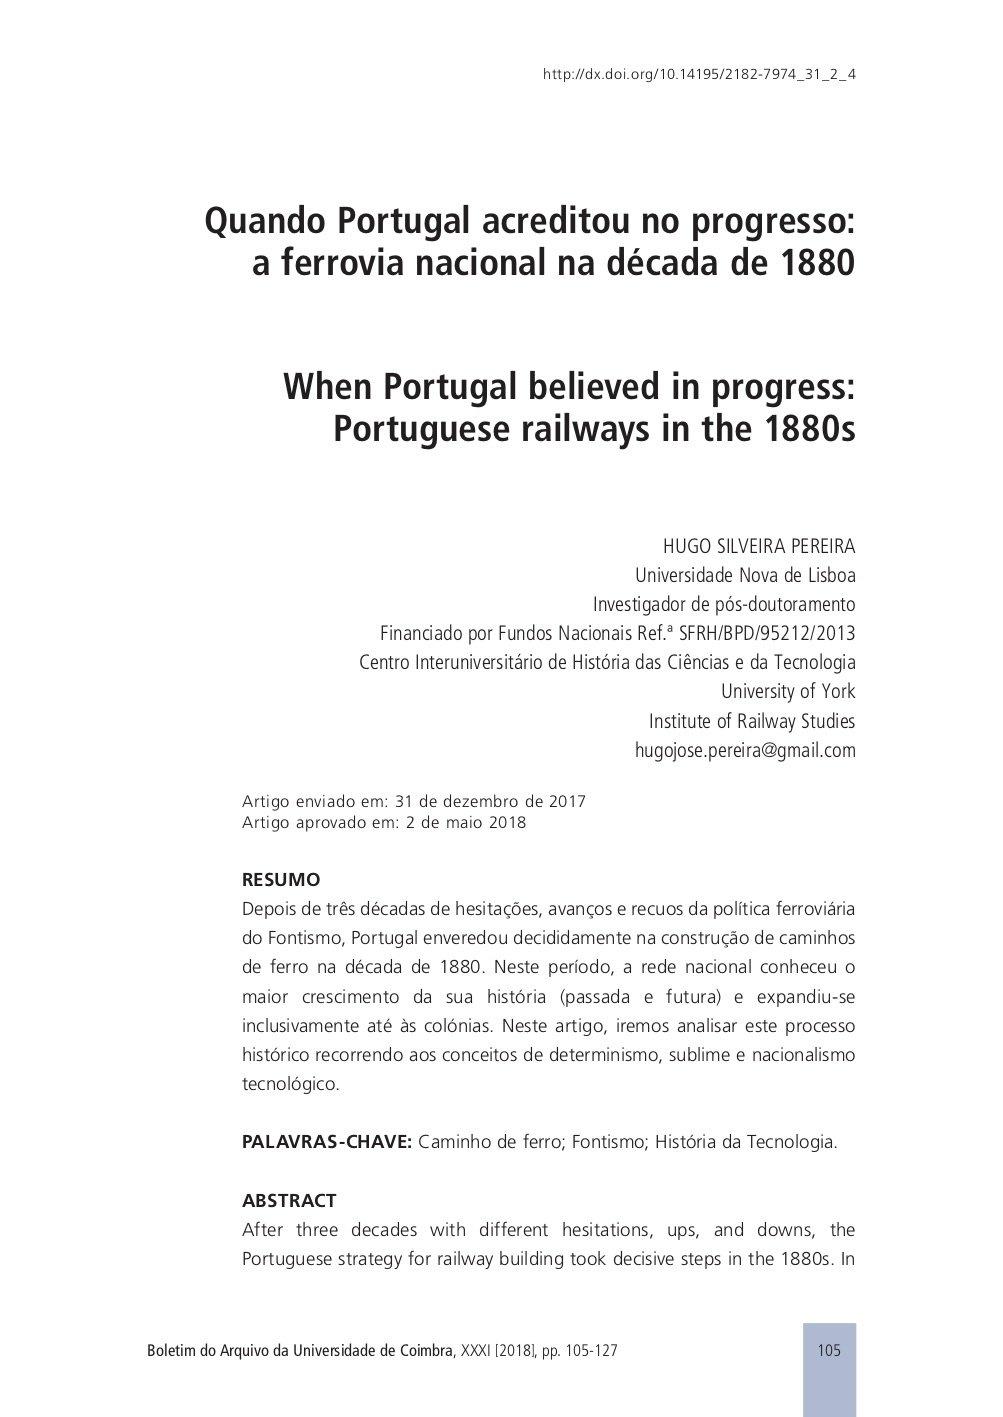 Quando Portugal acreditou no progresso: a ferrovia nacional na década de 1880, Capa